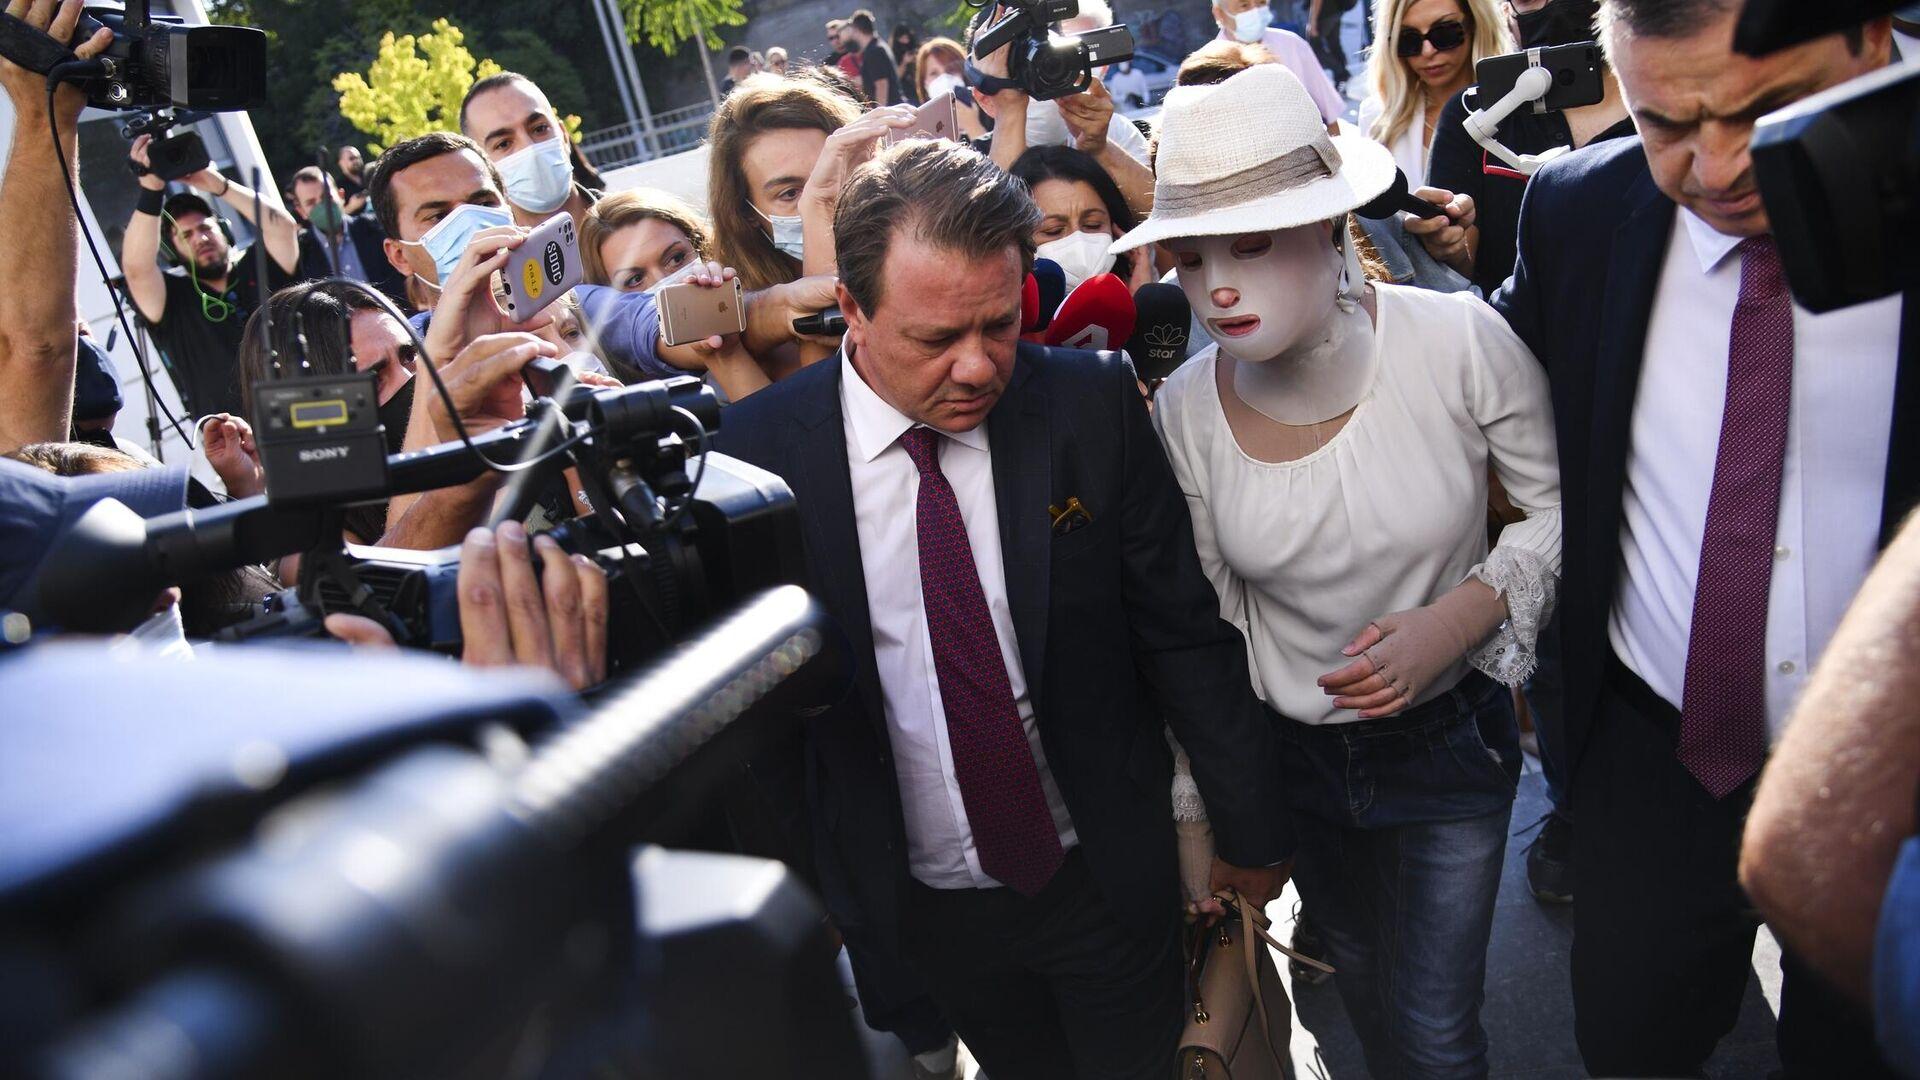 Με το κεφάλι ψηλά στο δικαστήριο η Ιωάννα Παλιοσπύρου για τη δίκη της επίθεσης με βιτριόλι - Sputnik Ελλάδα, 1920, 16.09.2021